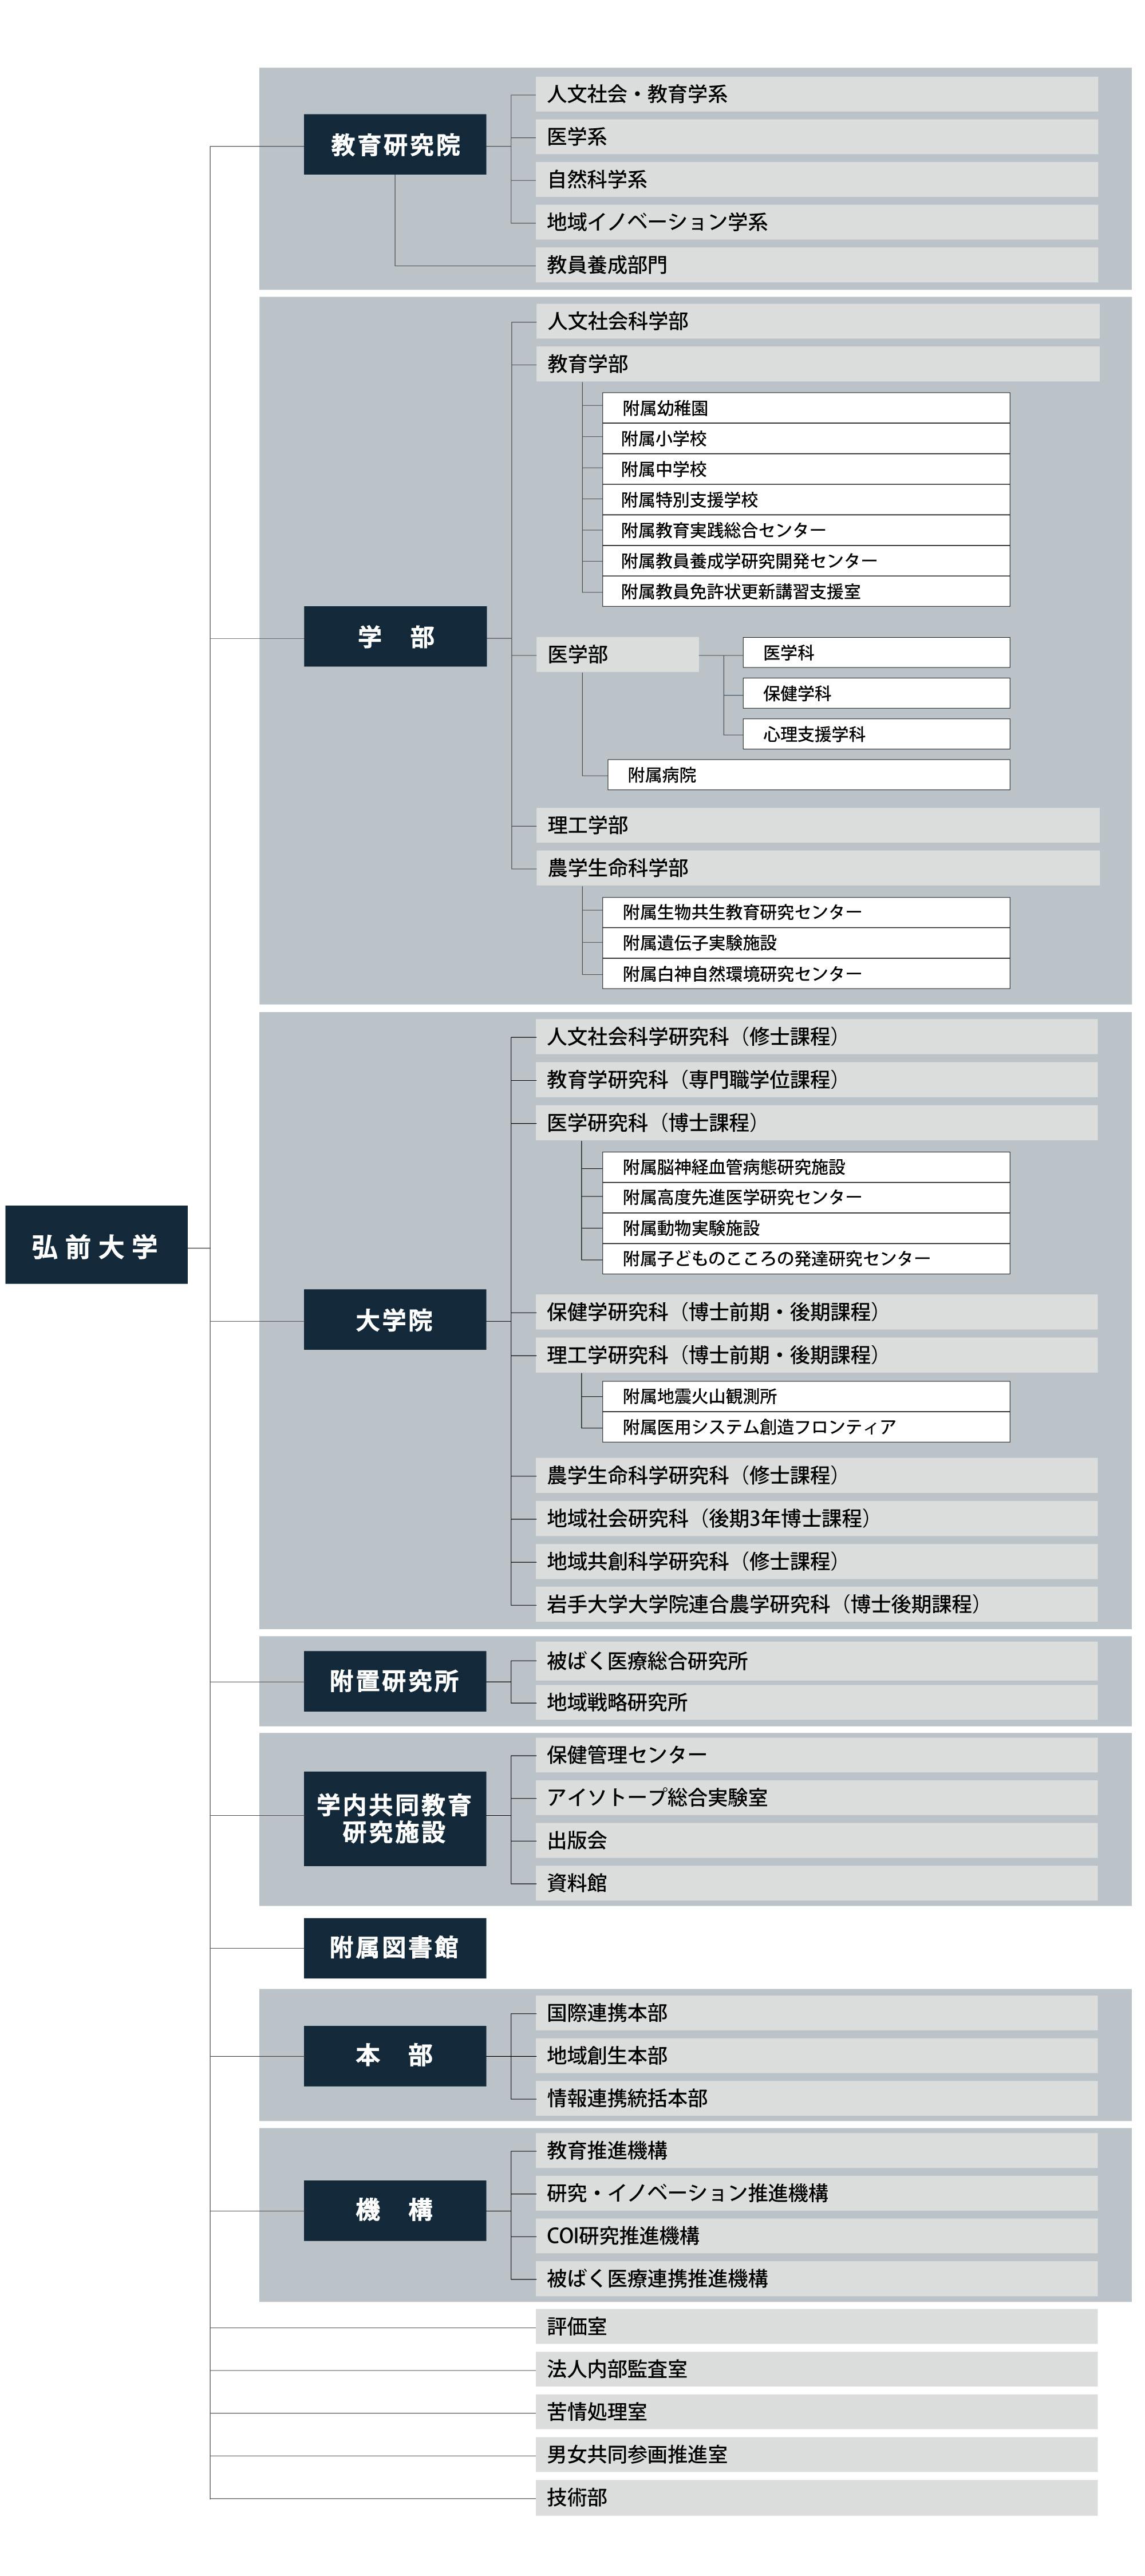 弘前大学事務機構図